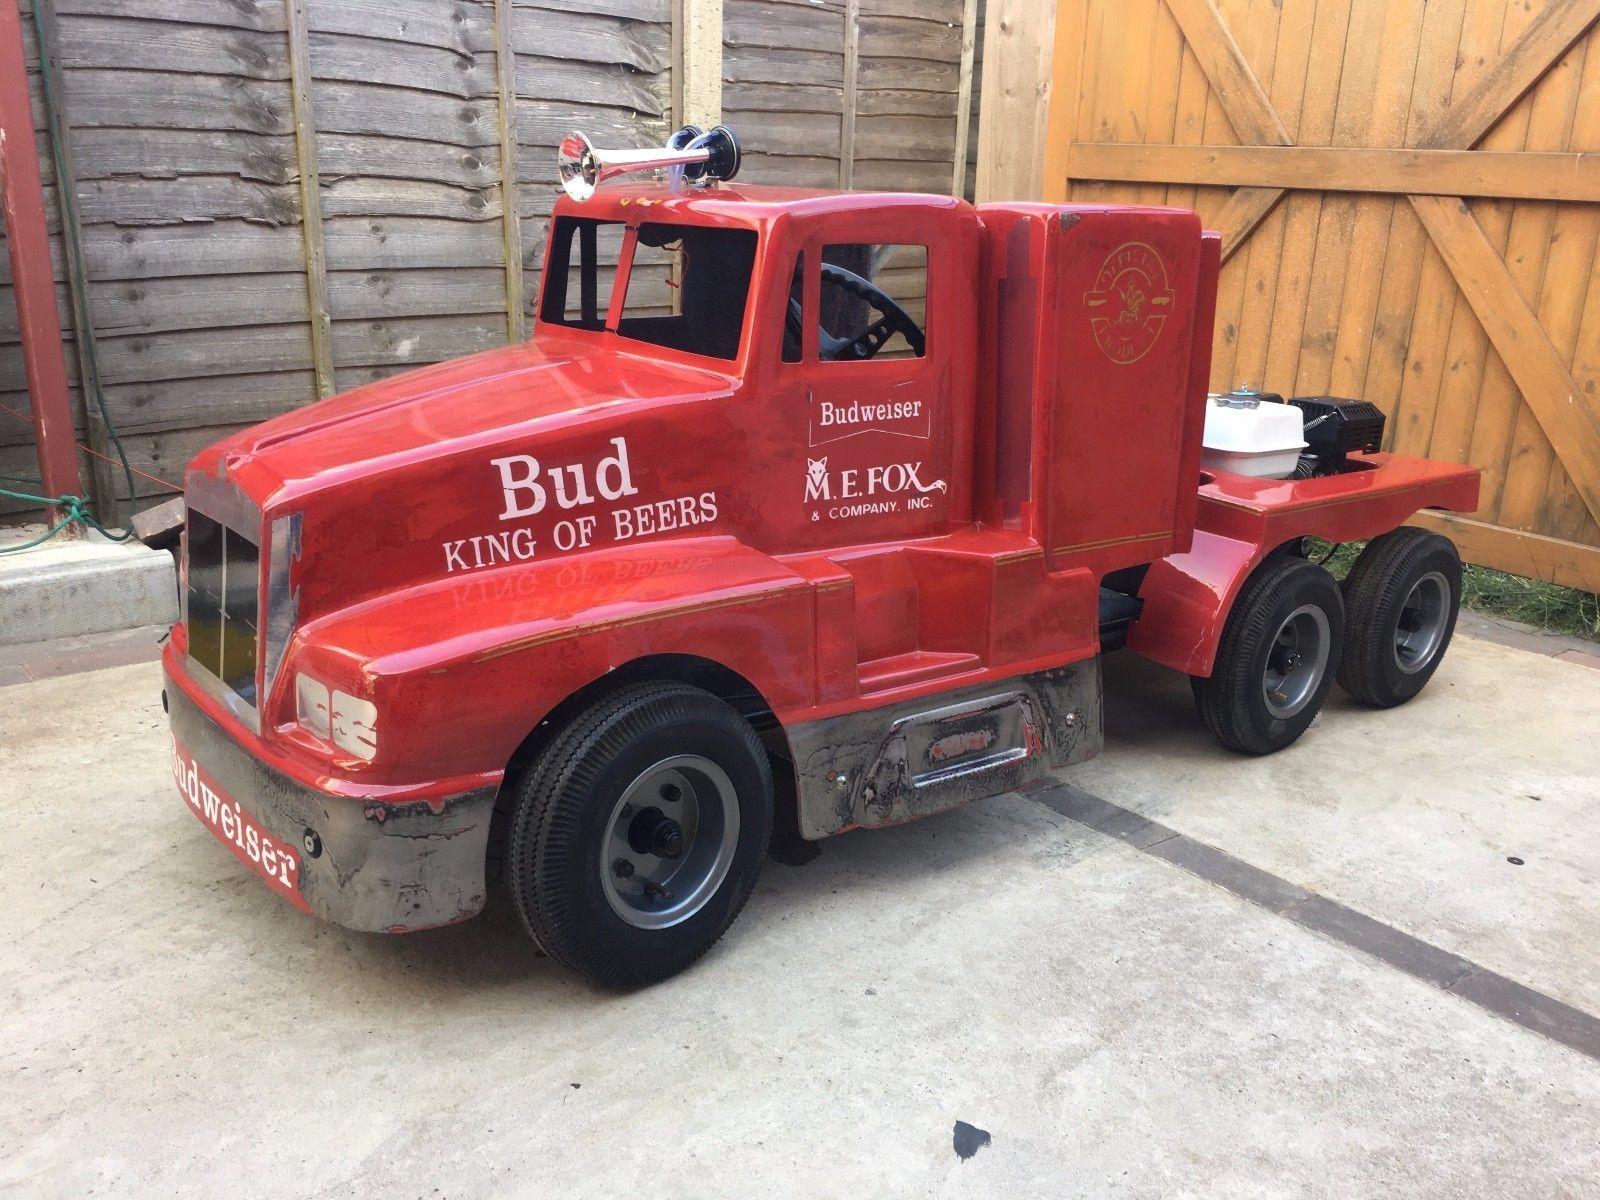 Ebay vintage parade kenworth truck trailer go kart tot rod promotional